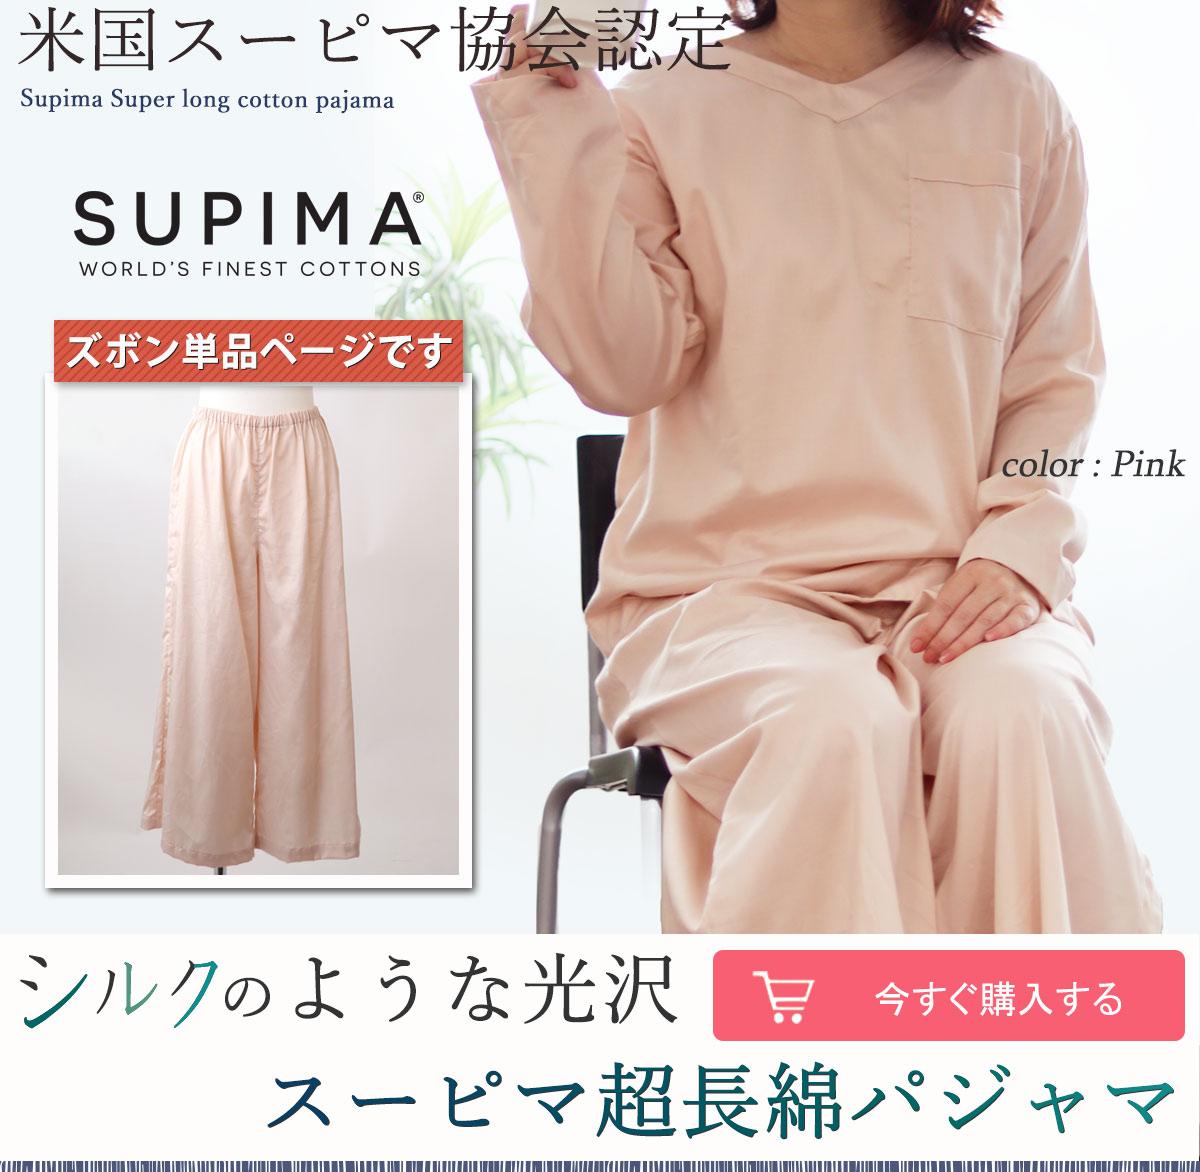 米国スーピマ協会認定 シルクのような光沢、スーピマ超長綿かぶりパジャマガウチョパンツ